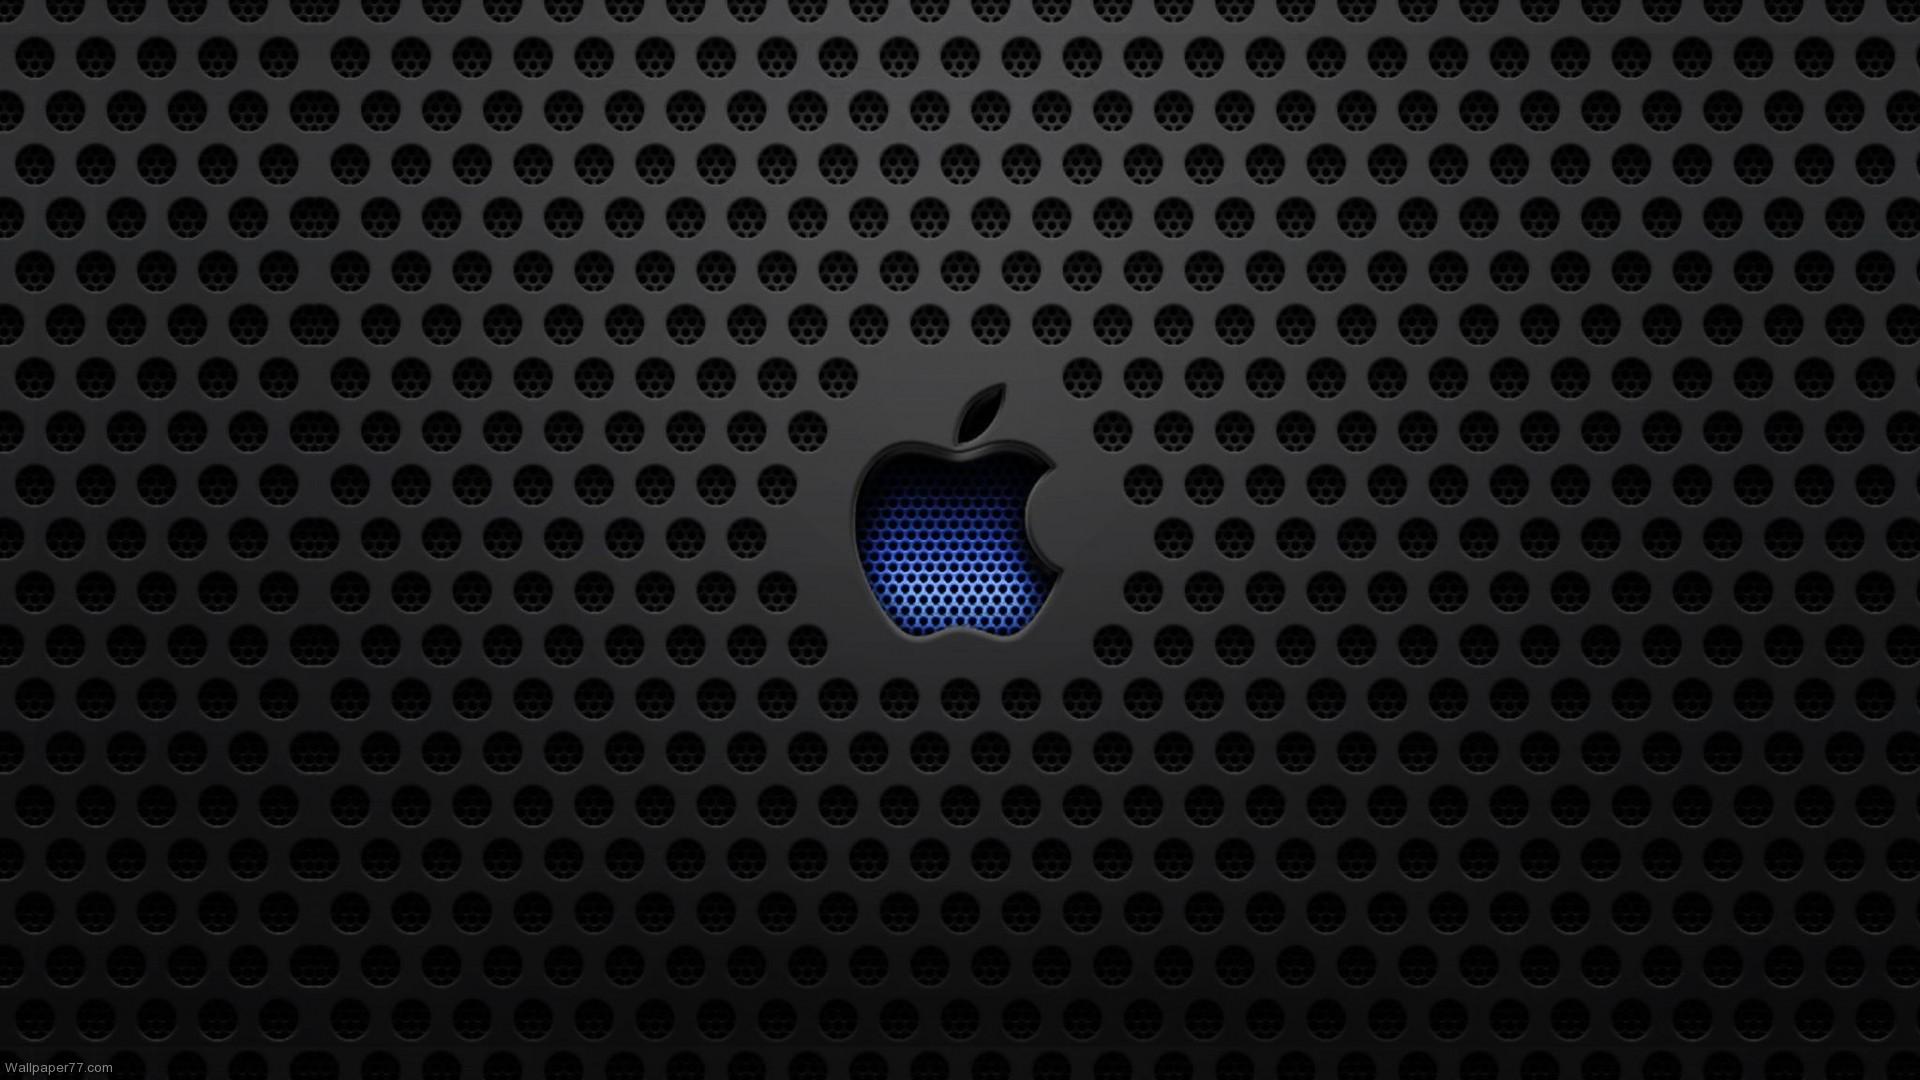 Retina Mac Wallpapers - WallpaperSafari